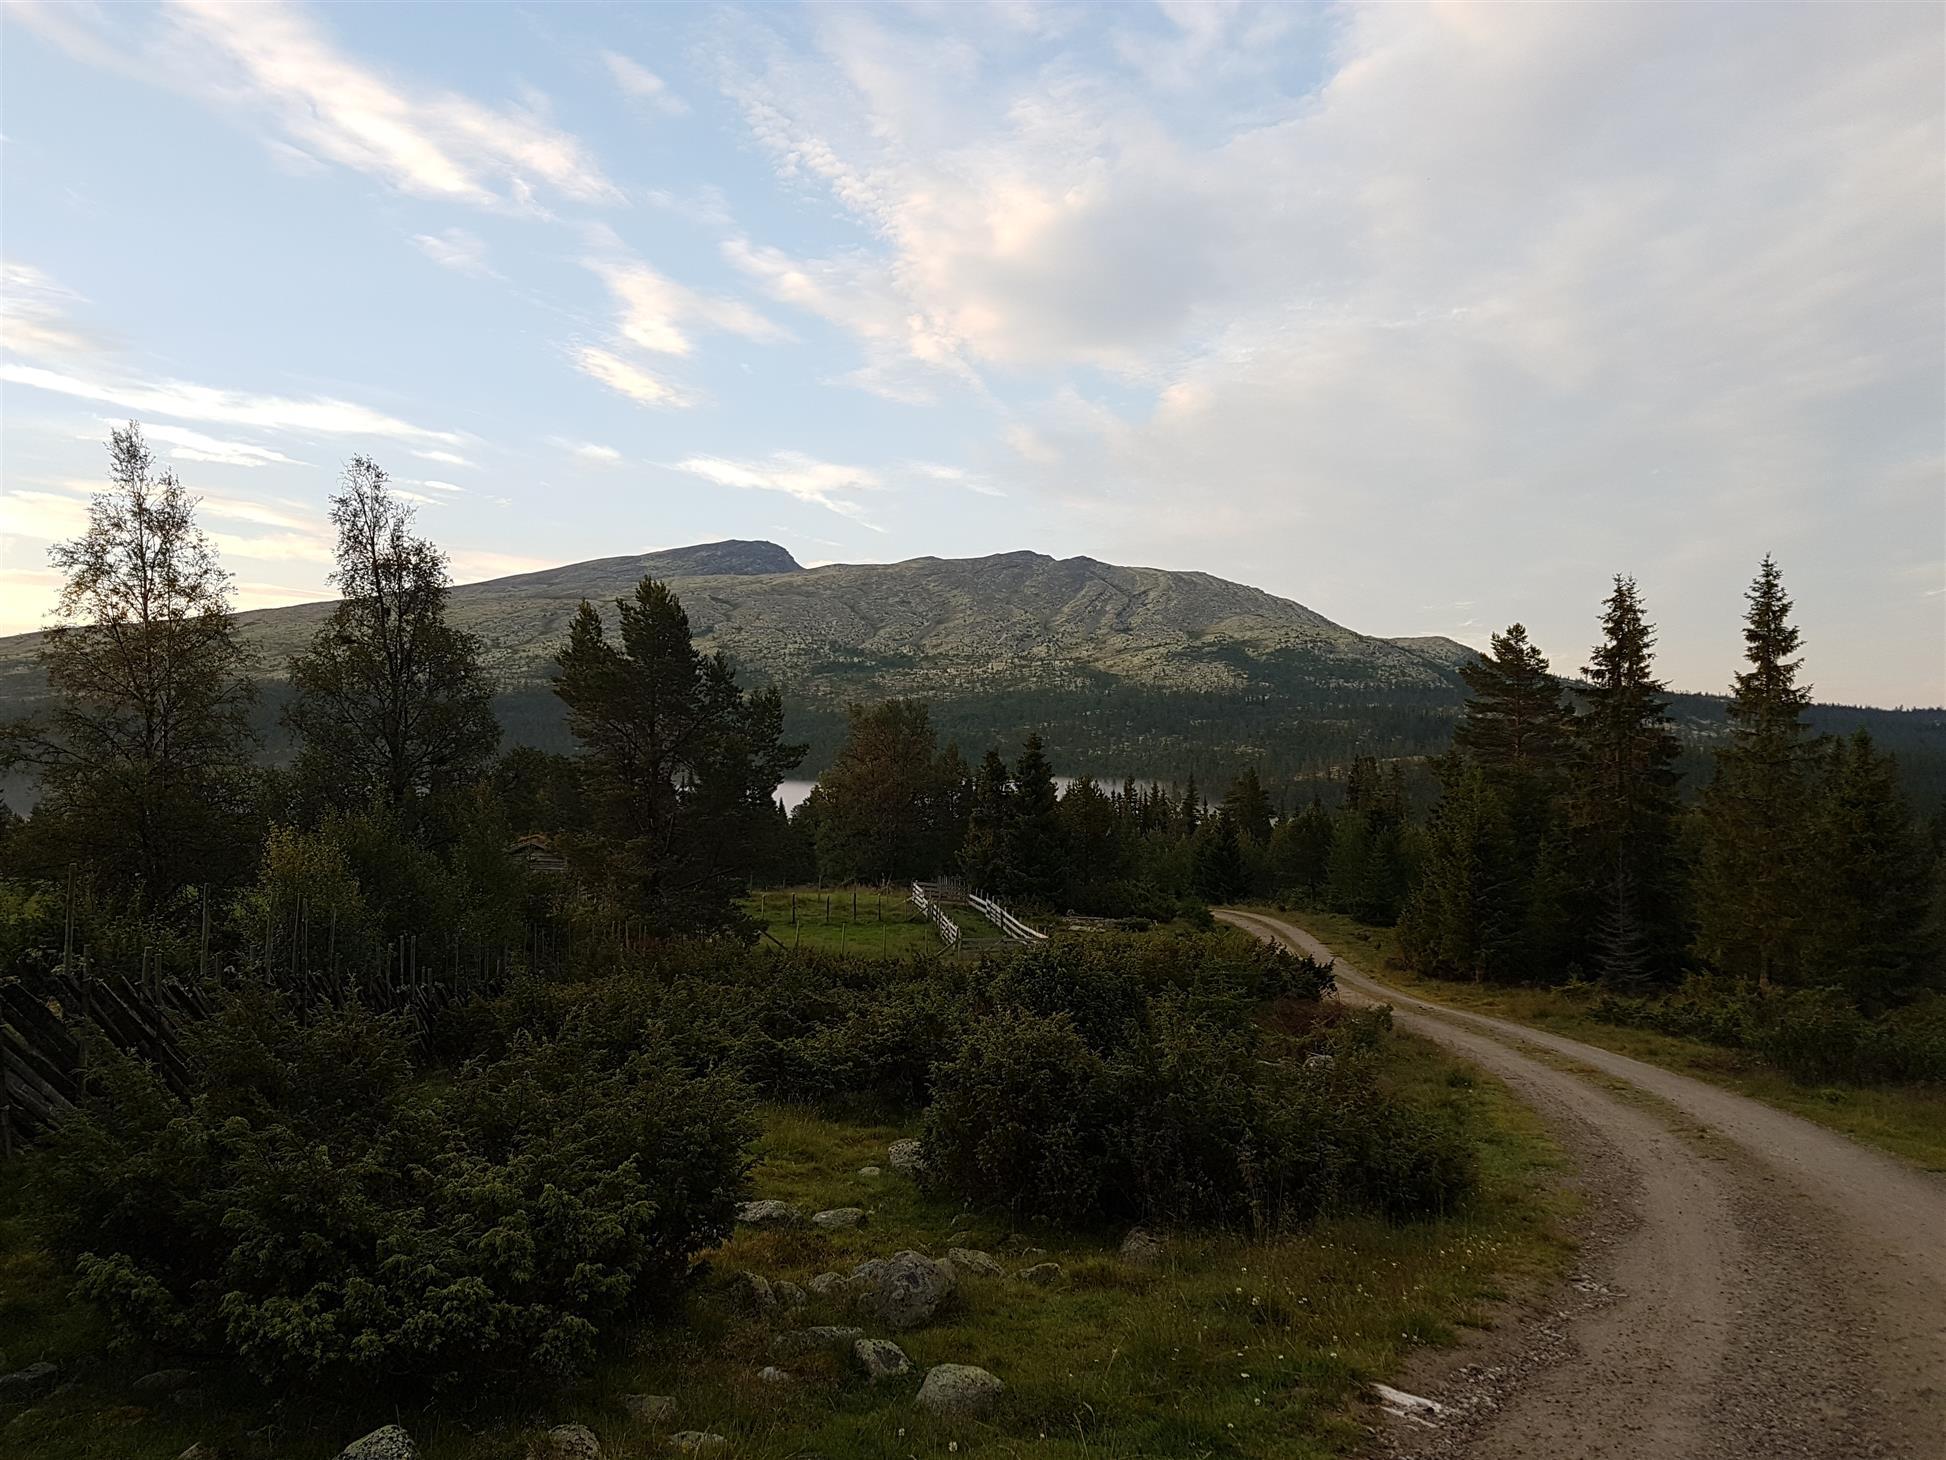 Turen tok oss med til flotte steder og Rendalen viste seg fra en sin beste side